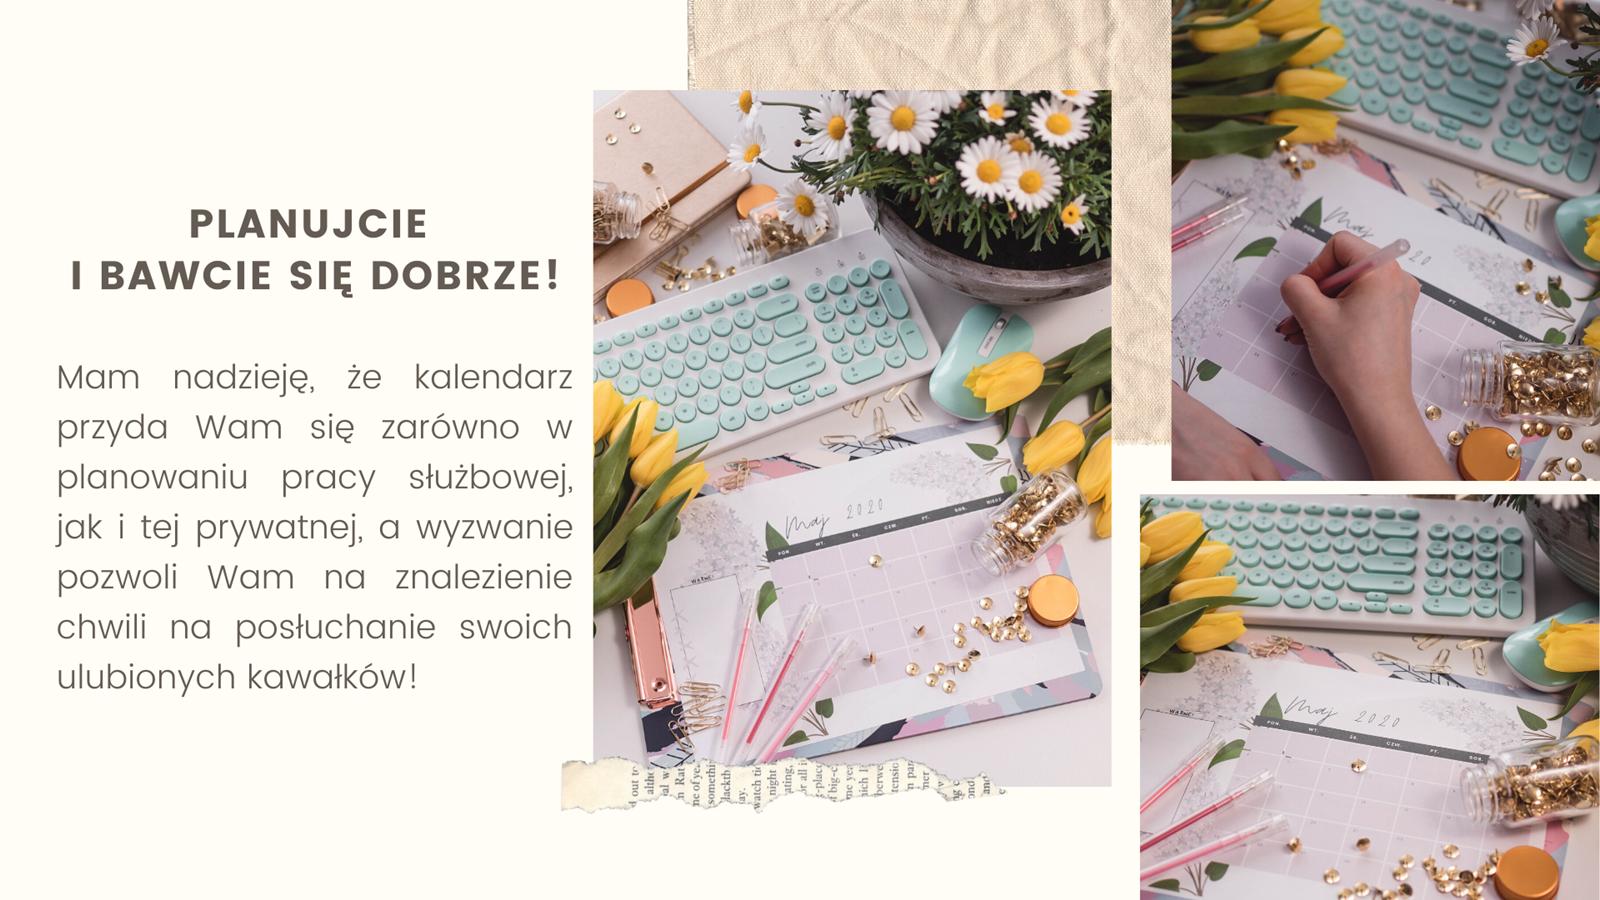 5 darmowy kalendarz do druku jak zrobić 30-dniowe wyzwanie muzyczne na instagramie instastory kalendarz ładny kolorowy maj 2020 do druku darmowy do pobrania kwiaty kobiecy dla dziewczyny